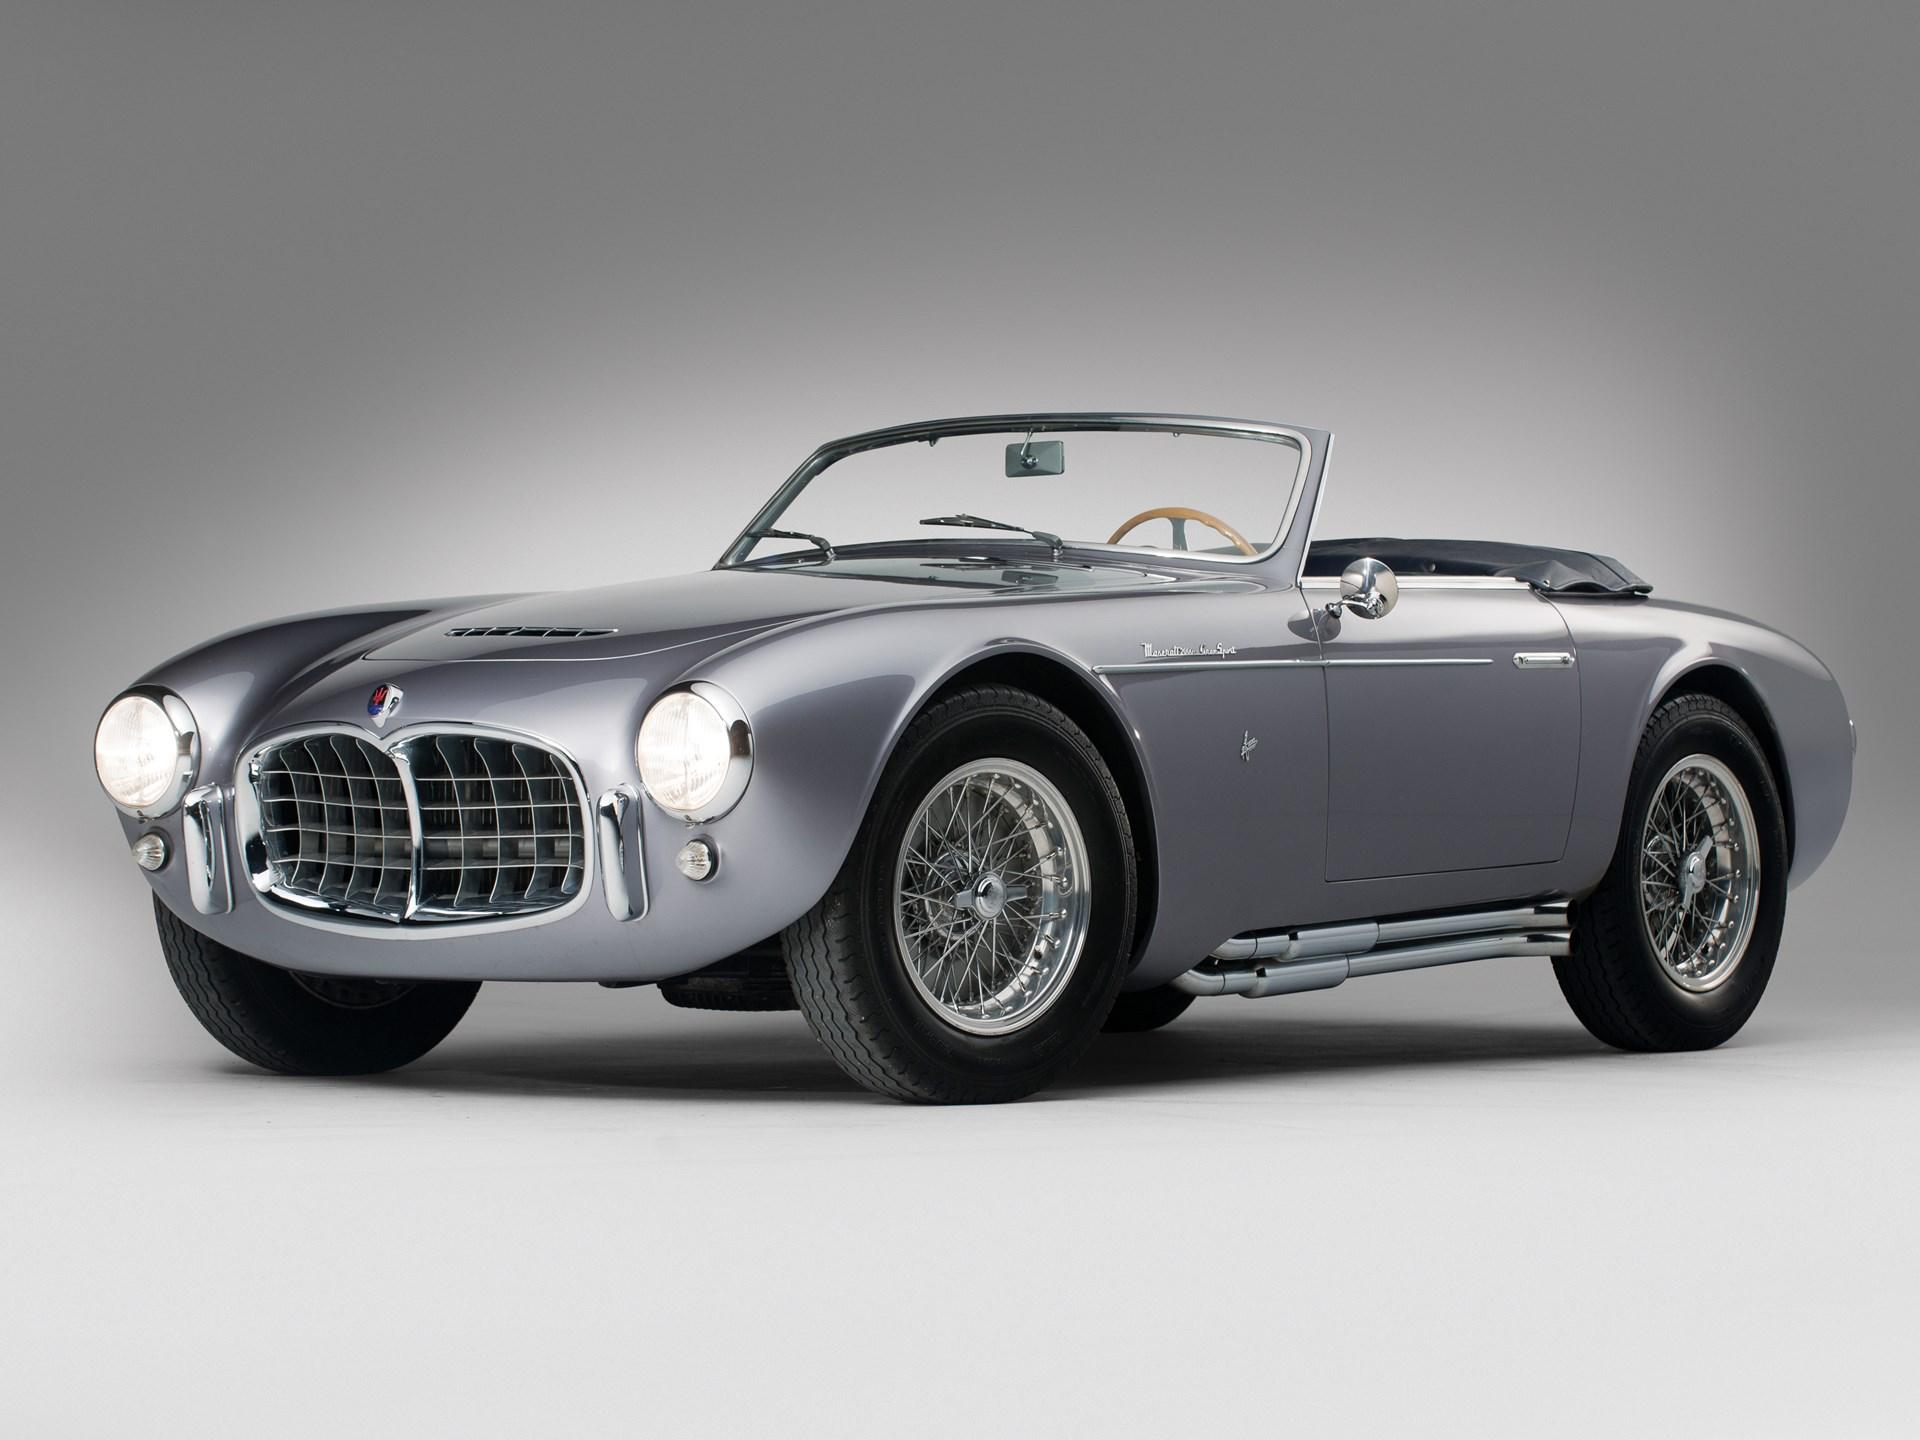 Maserati a6g 2000 for sale